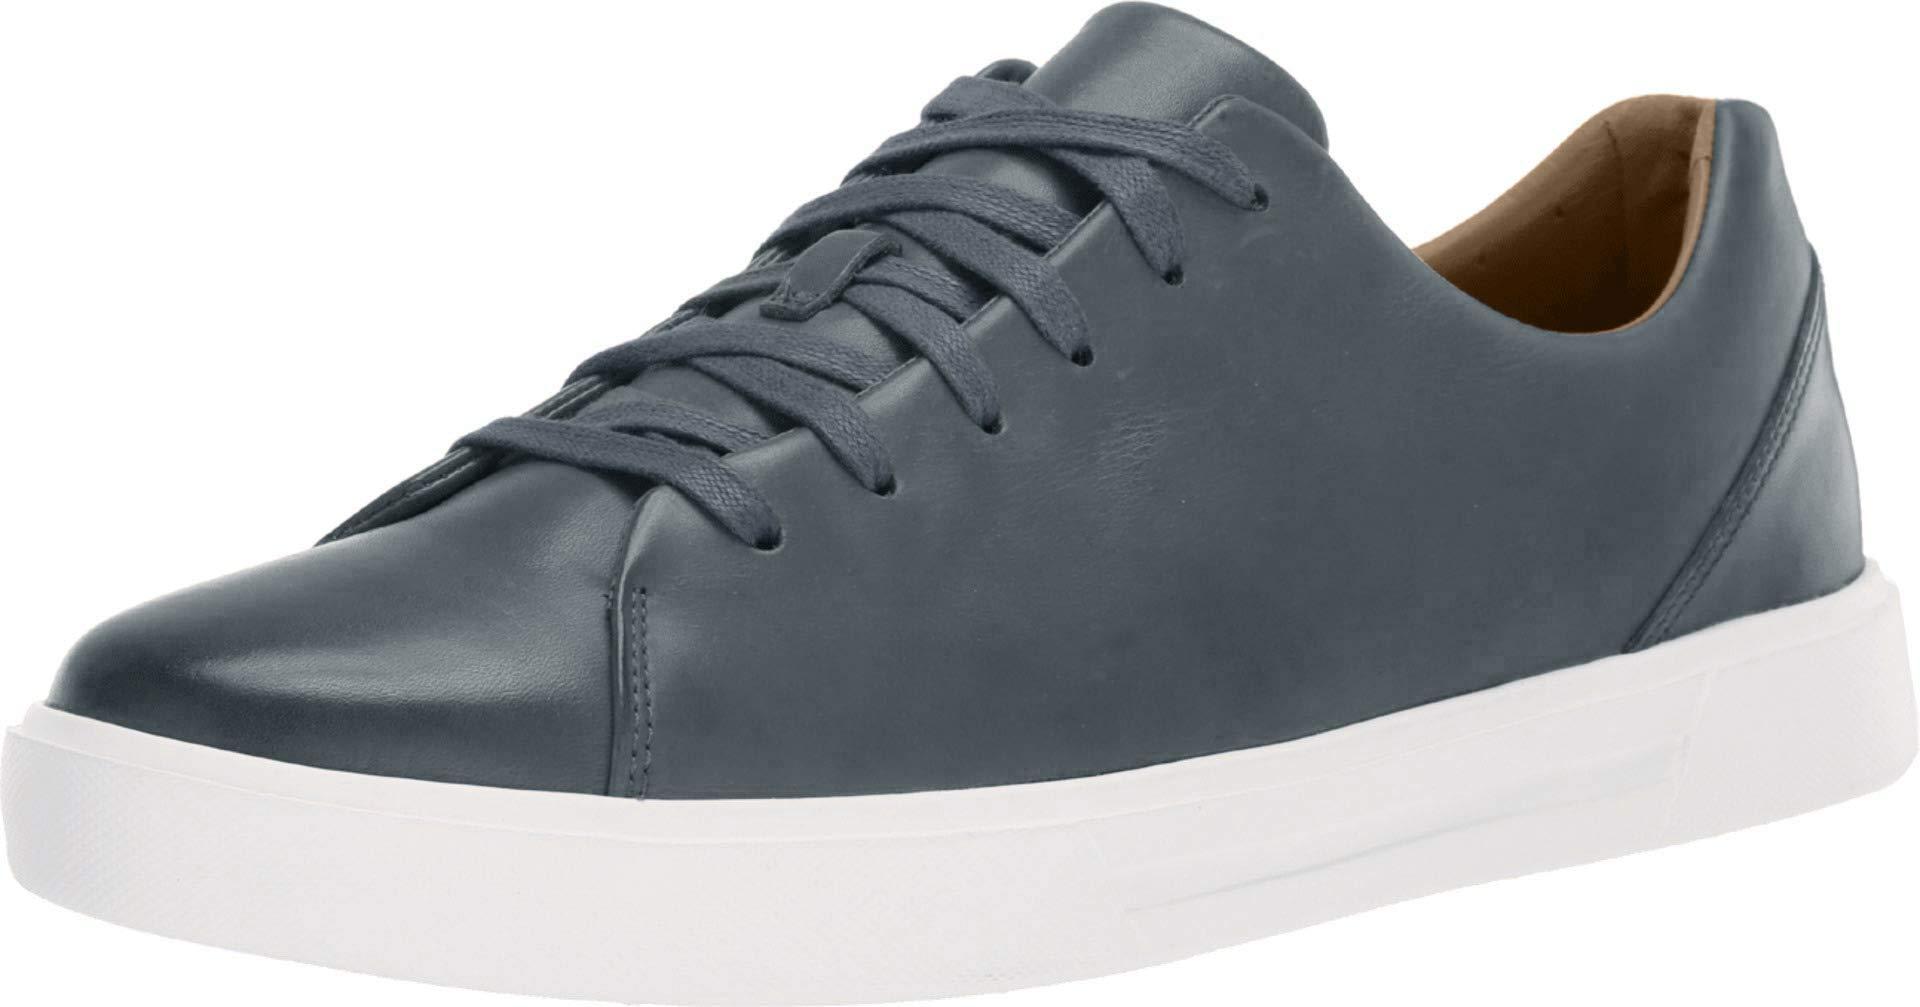 Men's Un Costa Lace Slate Blue Leather